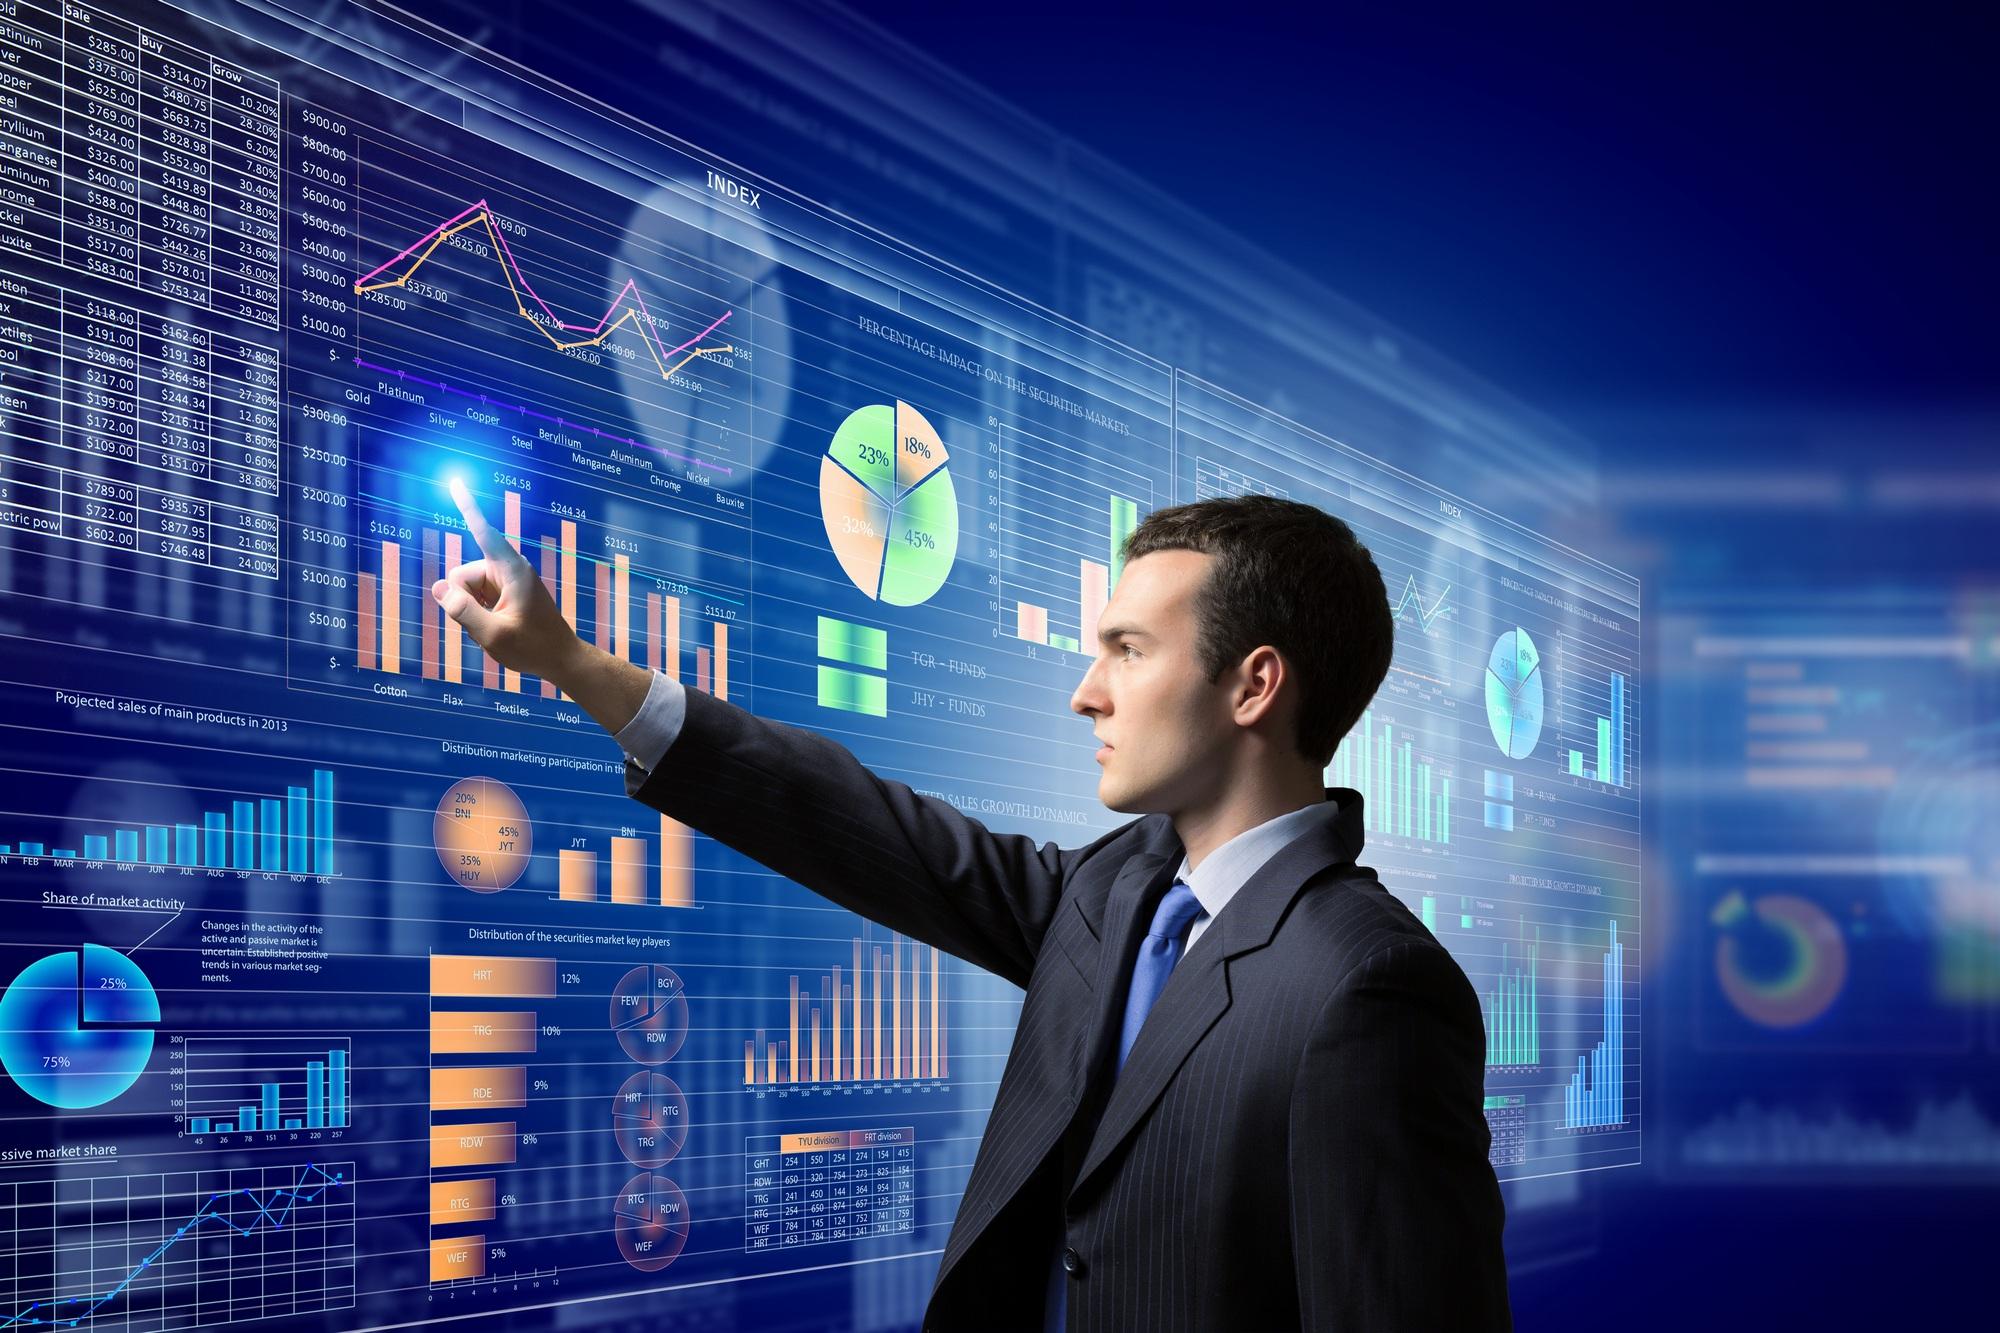 Какие обязанности выполняет аналитик данных?